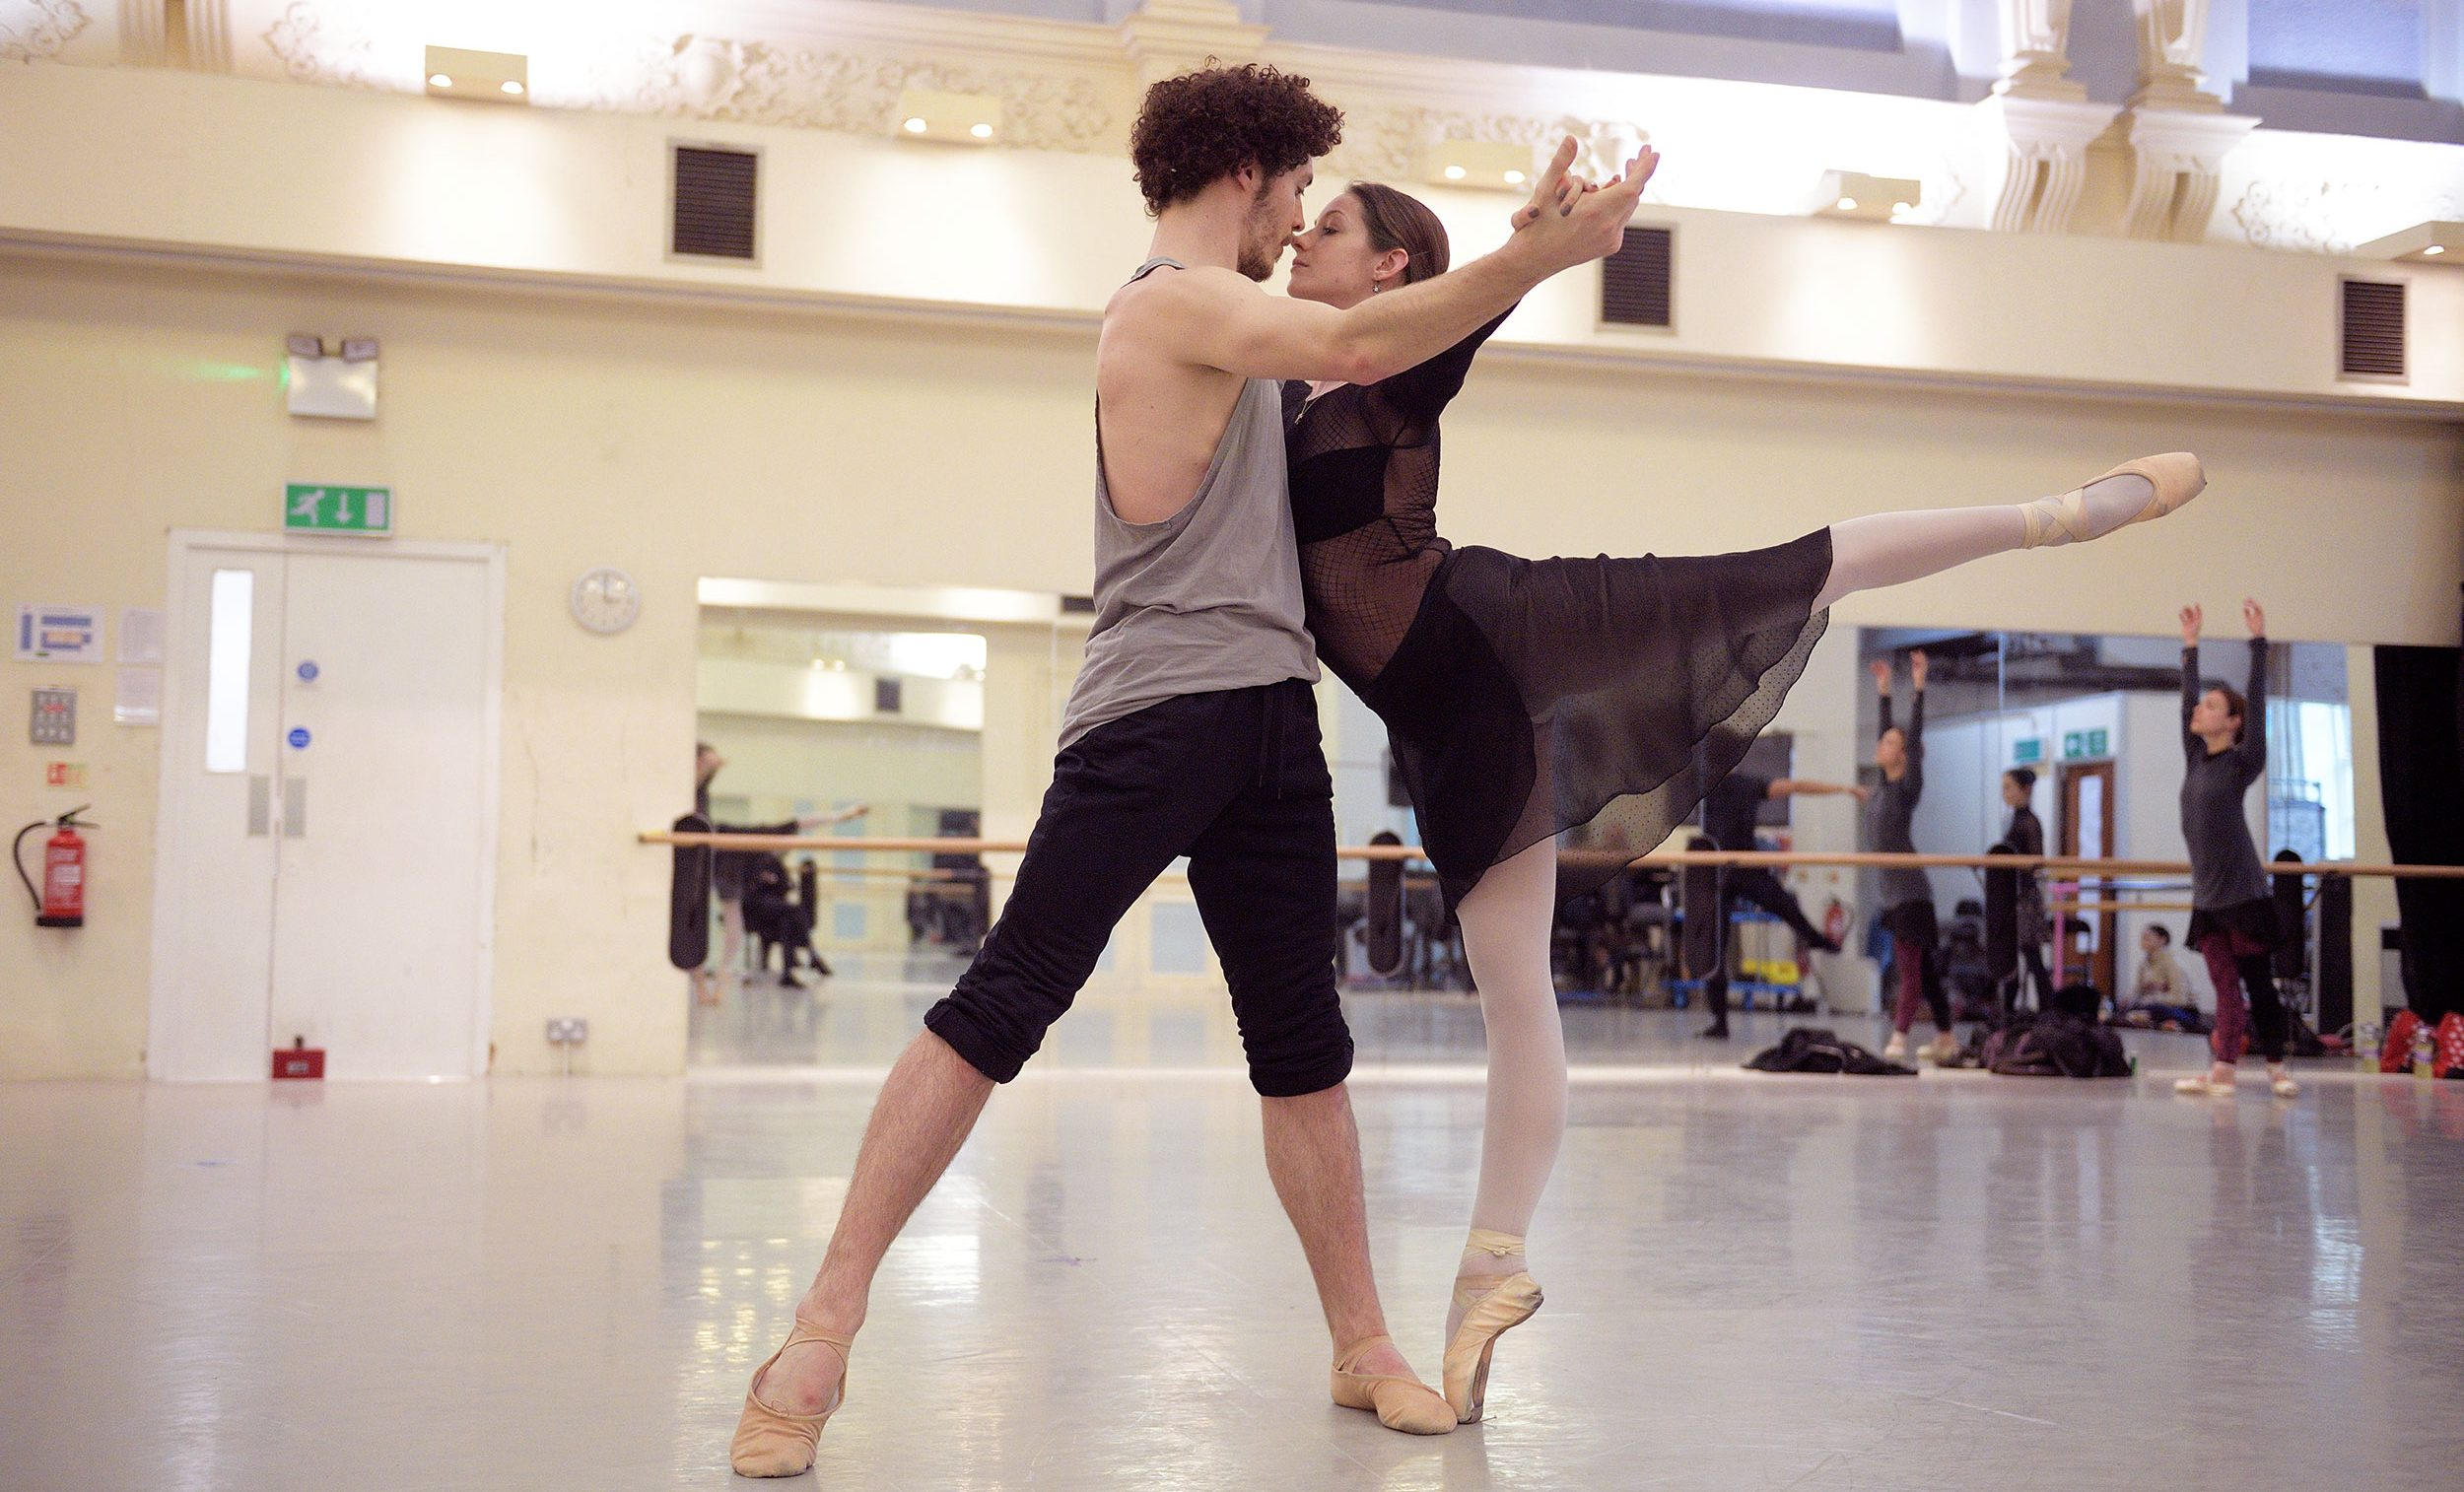 Laurretta-Summerscales-and-Emilio-Pavan-rehearsing-Adagio-Hammerklavier-(c)-Laurent-Liotardo-(2)